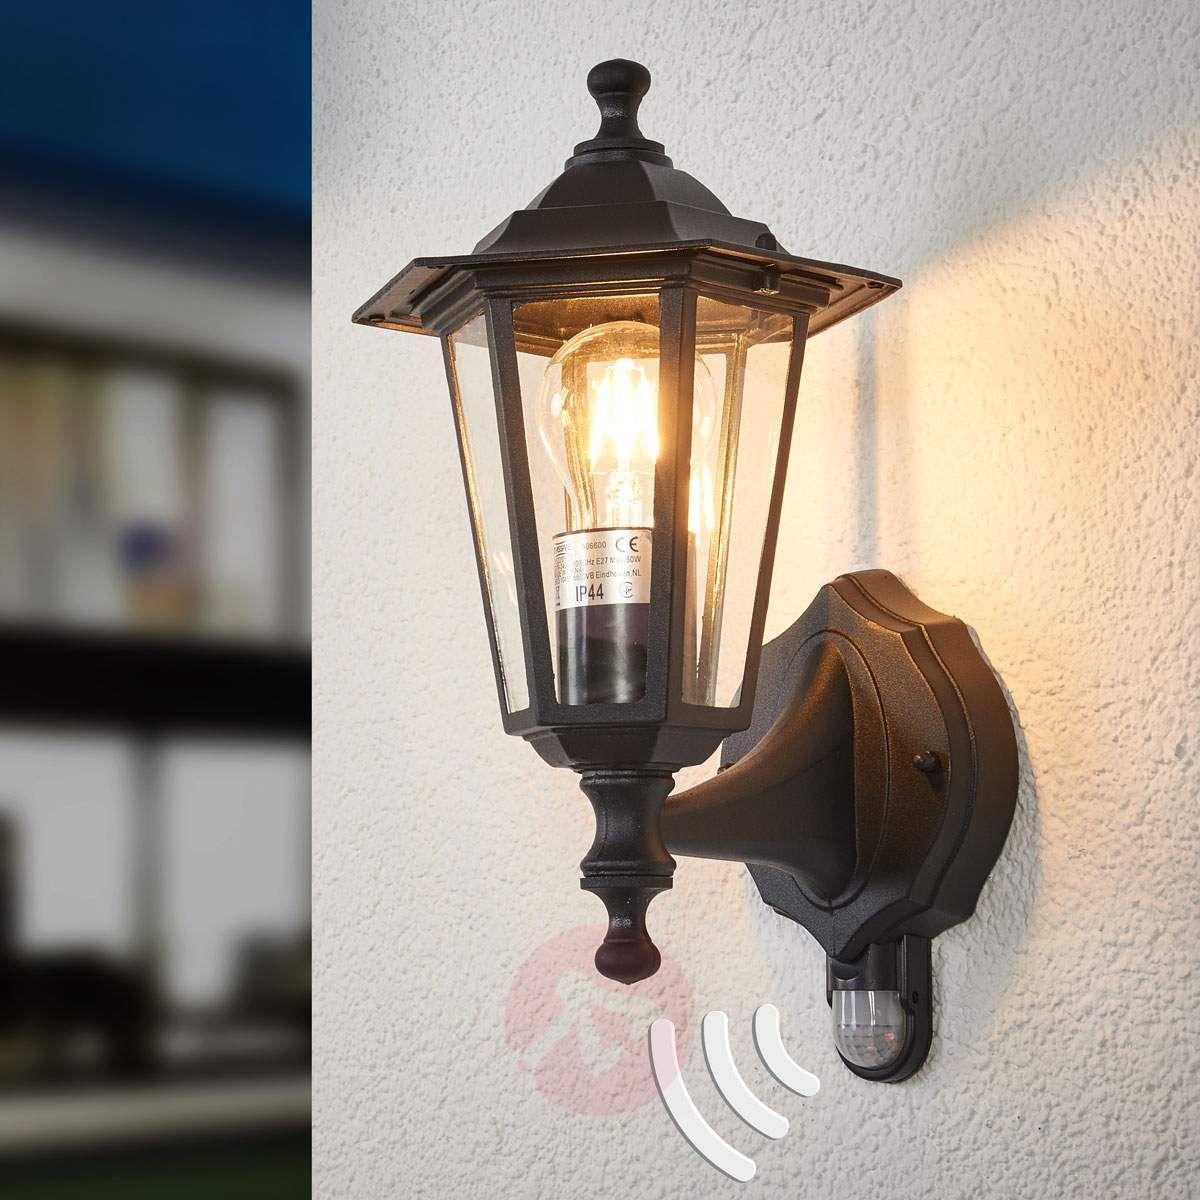 Oswietlenie Led Do Ogrodu Oswietlenie Leroy Merlin Warszawa Lampa Led Z Czujnikiem Ruchu I Zmier Outdoor Light Fixtures Outdoor Lighting Outdoor Wall Lamps